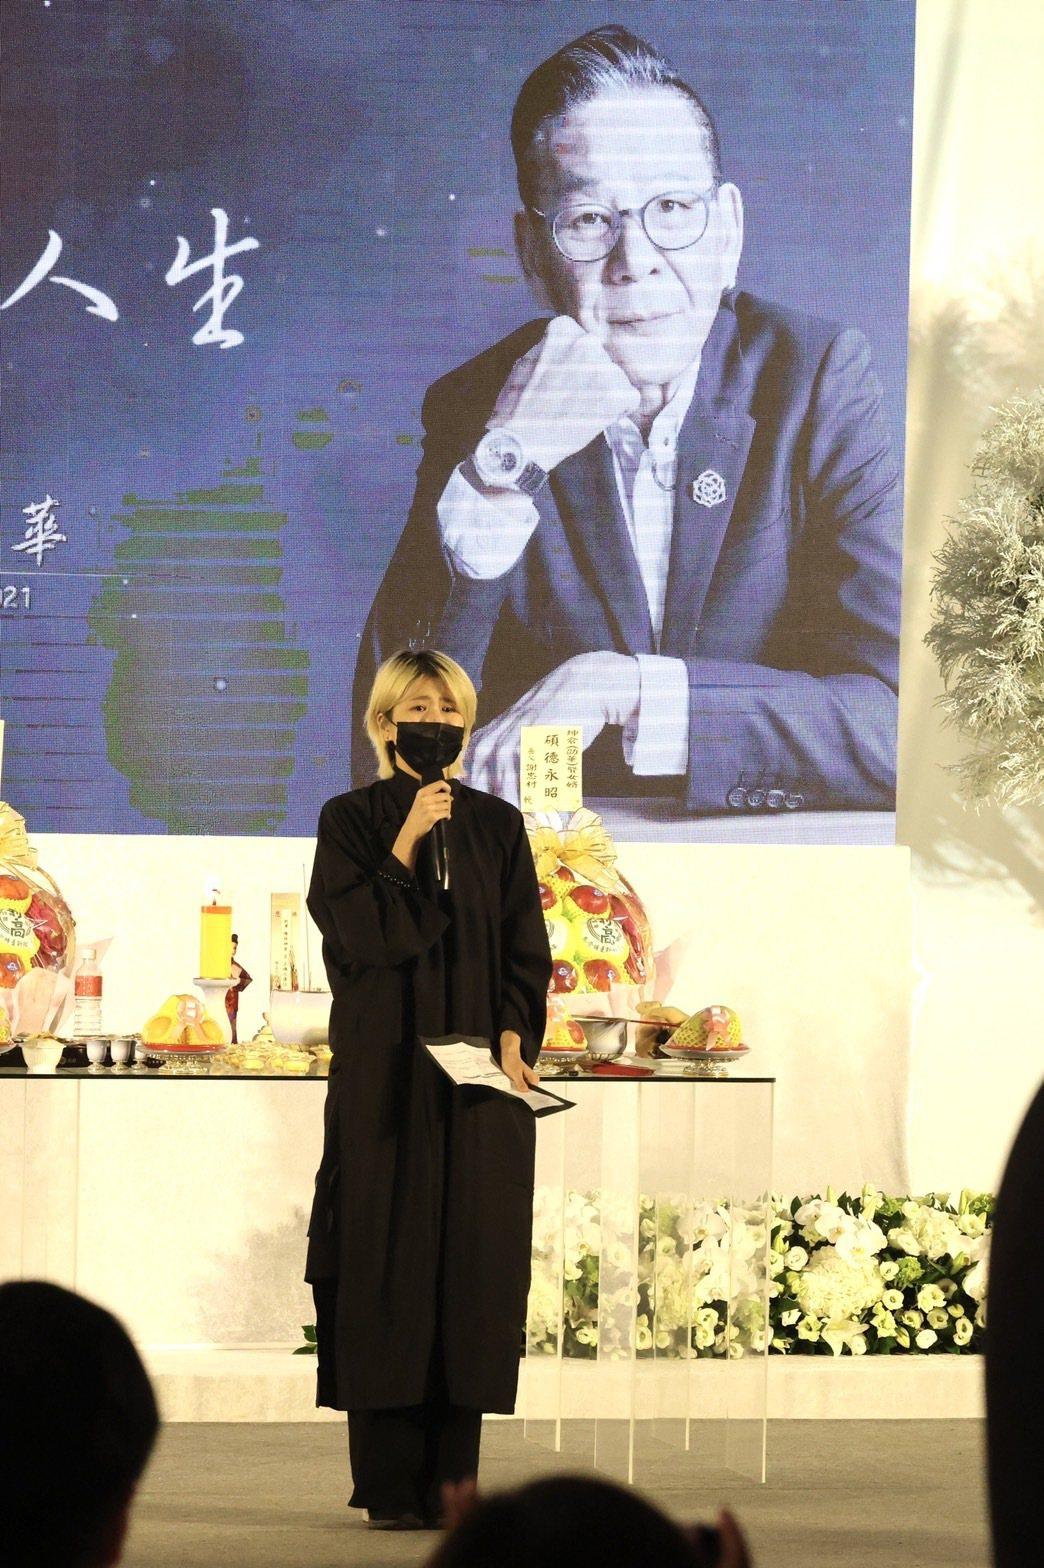 龍劭華女兒陳璇之後也代表家屬念出祭父文。記者王聰賢/攝影